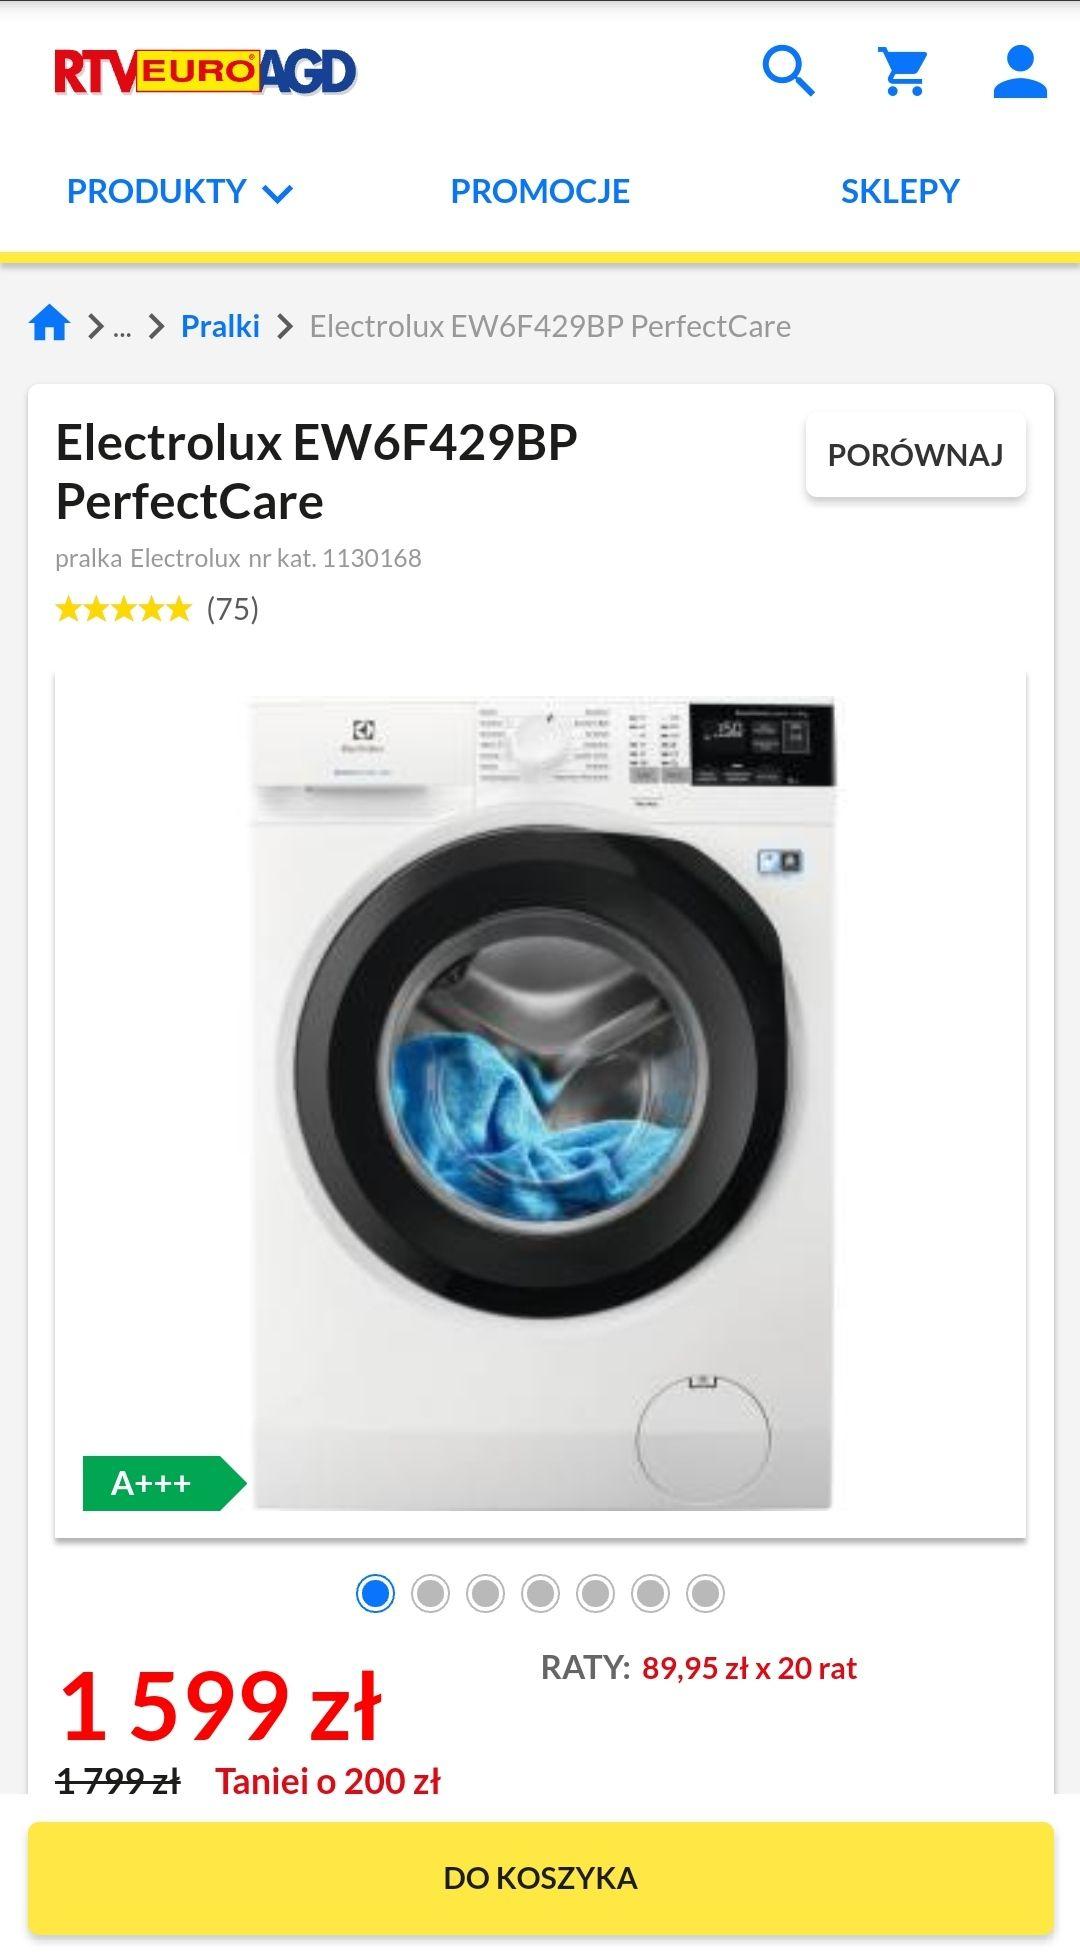 Pralka Electrolux PerfectCare EW6F429BP